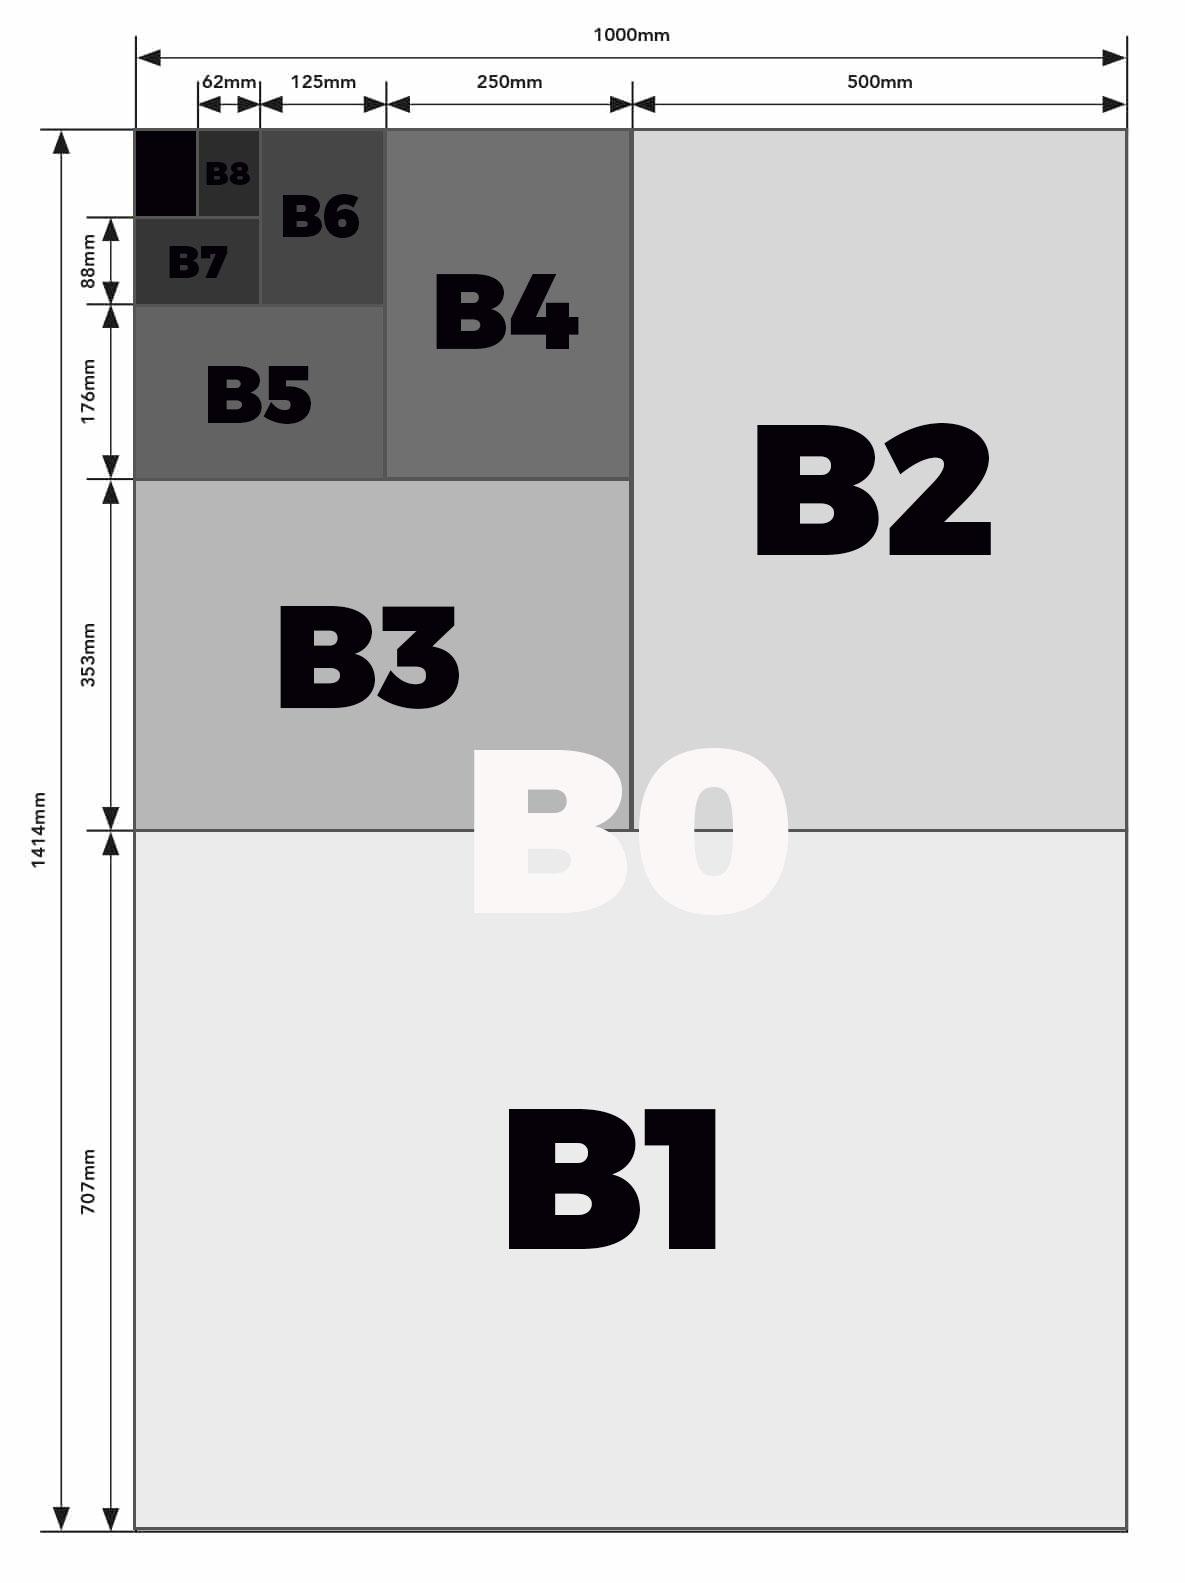 B paper size chart